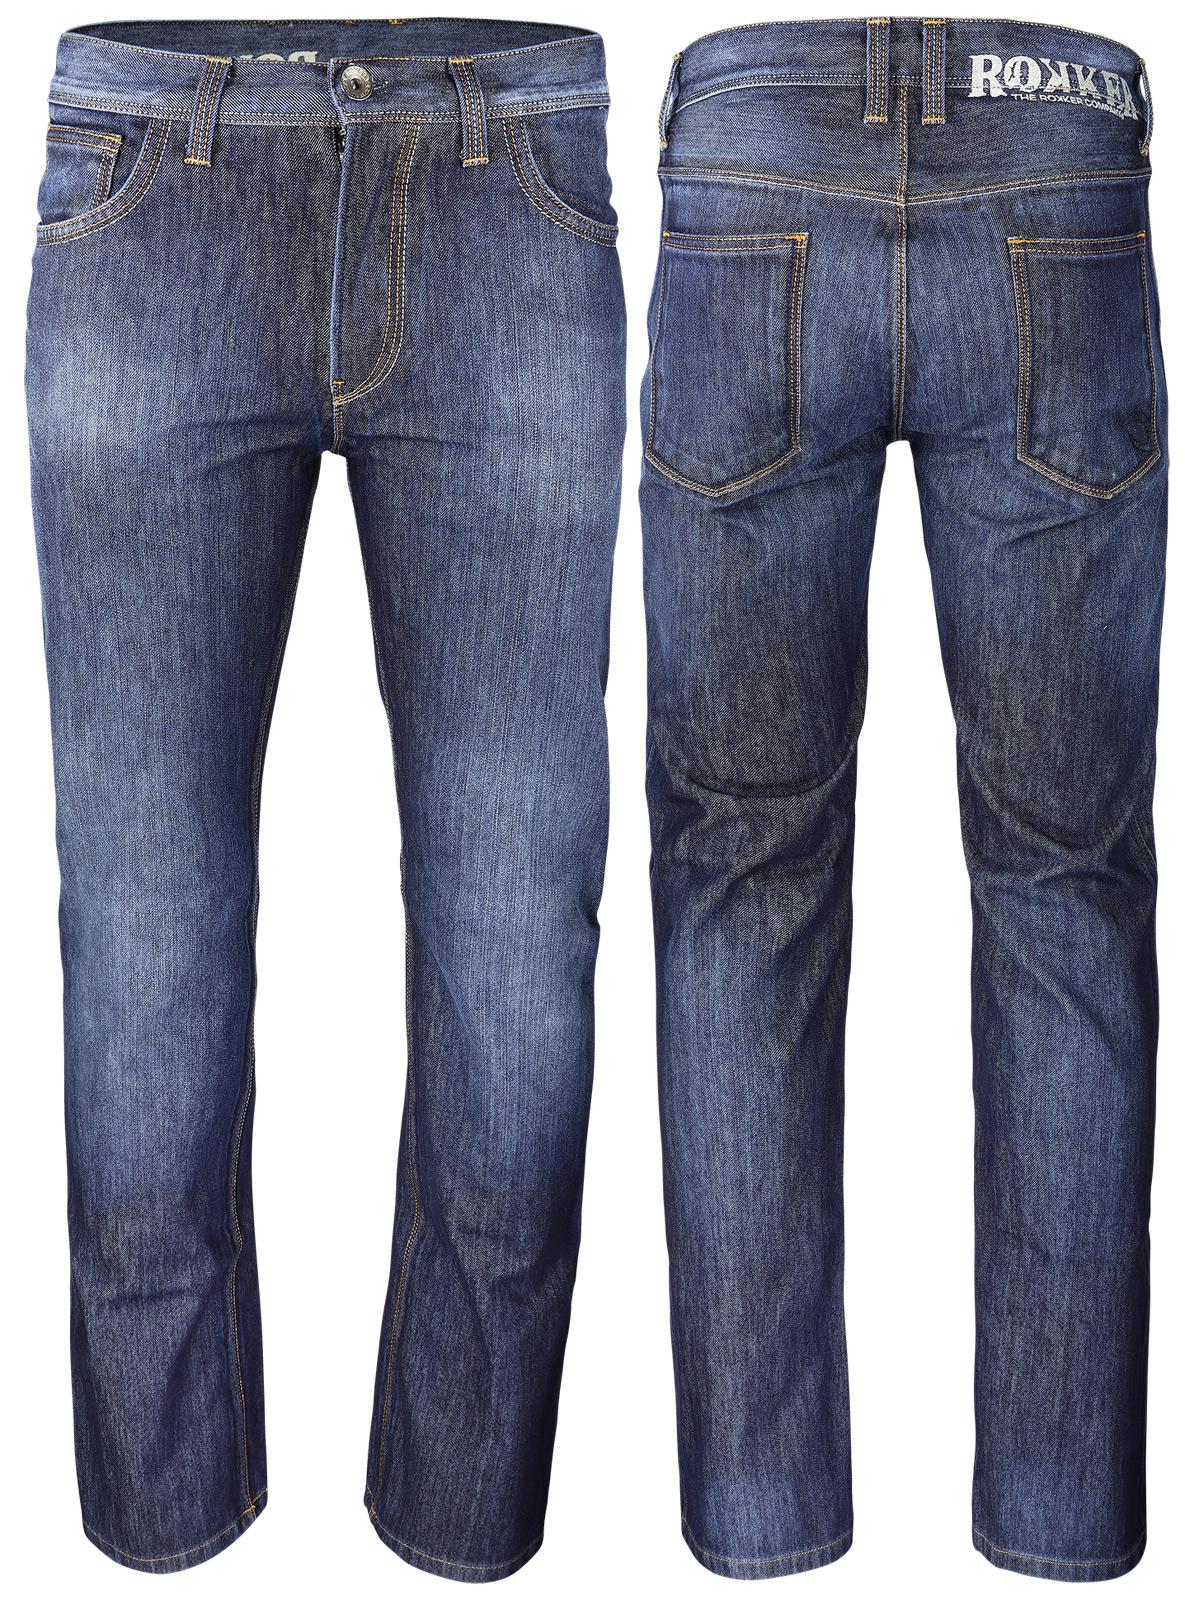 rokker revolution kevlar motorrad jeans im thunderbike shop. Black Bedroom Furniture Sets. Home Design Ideas